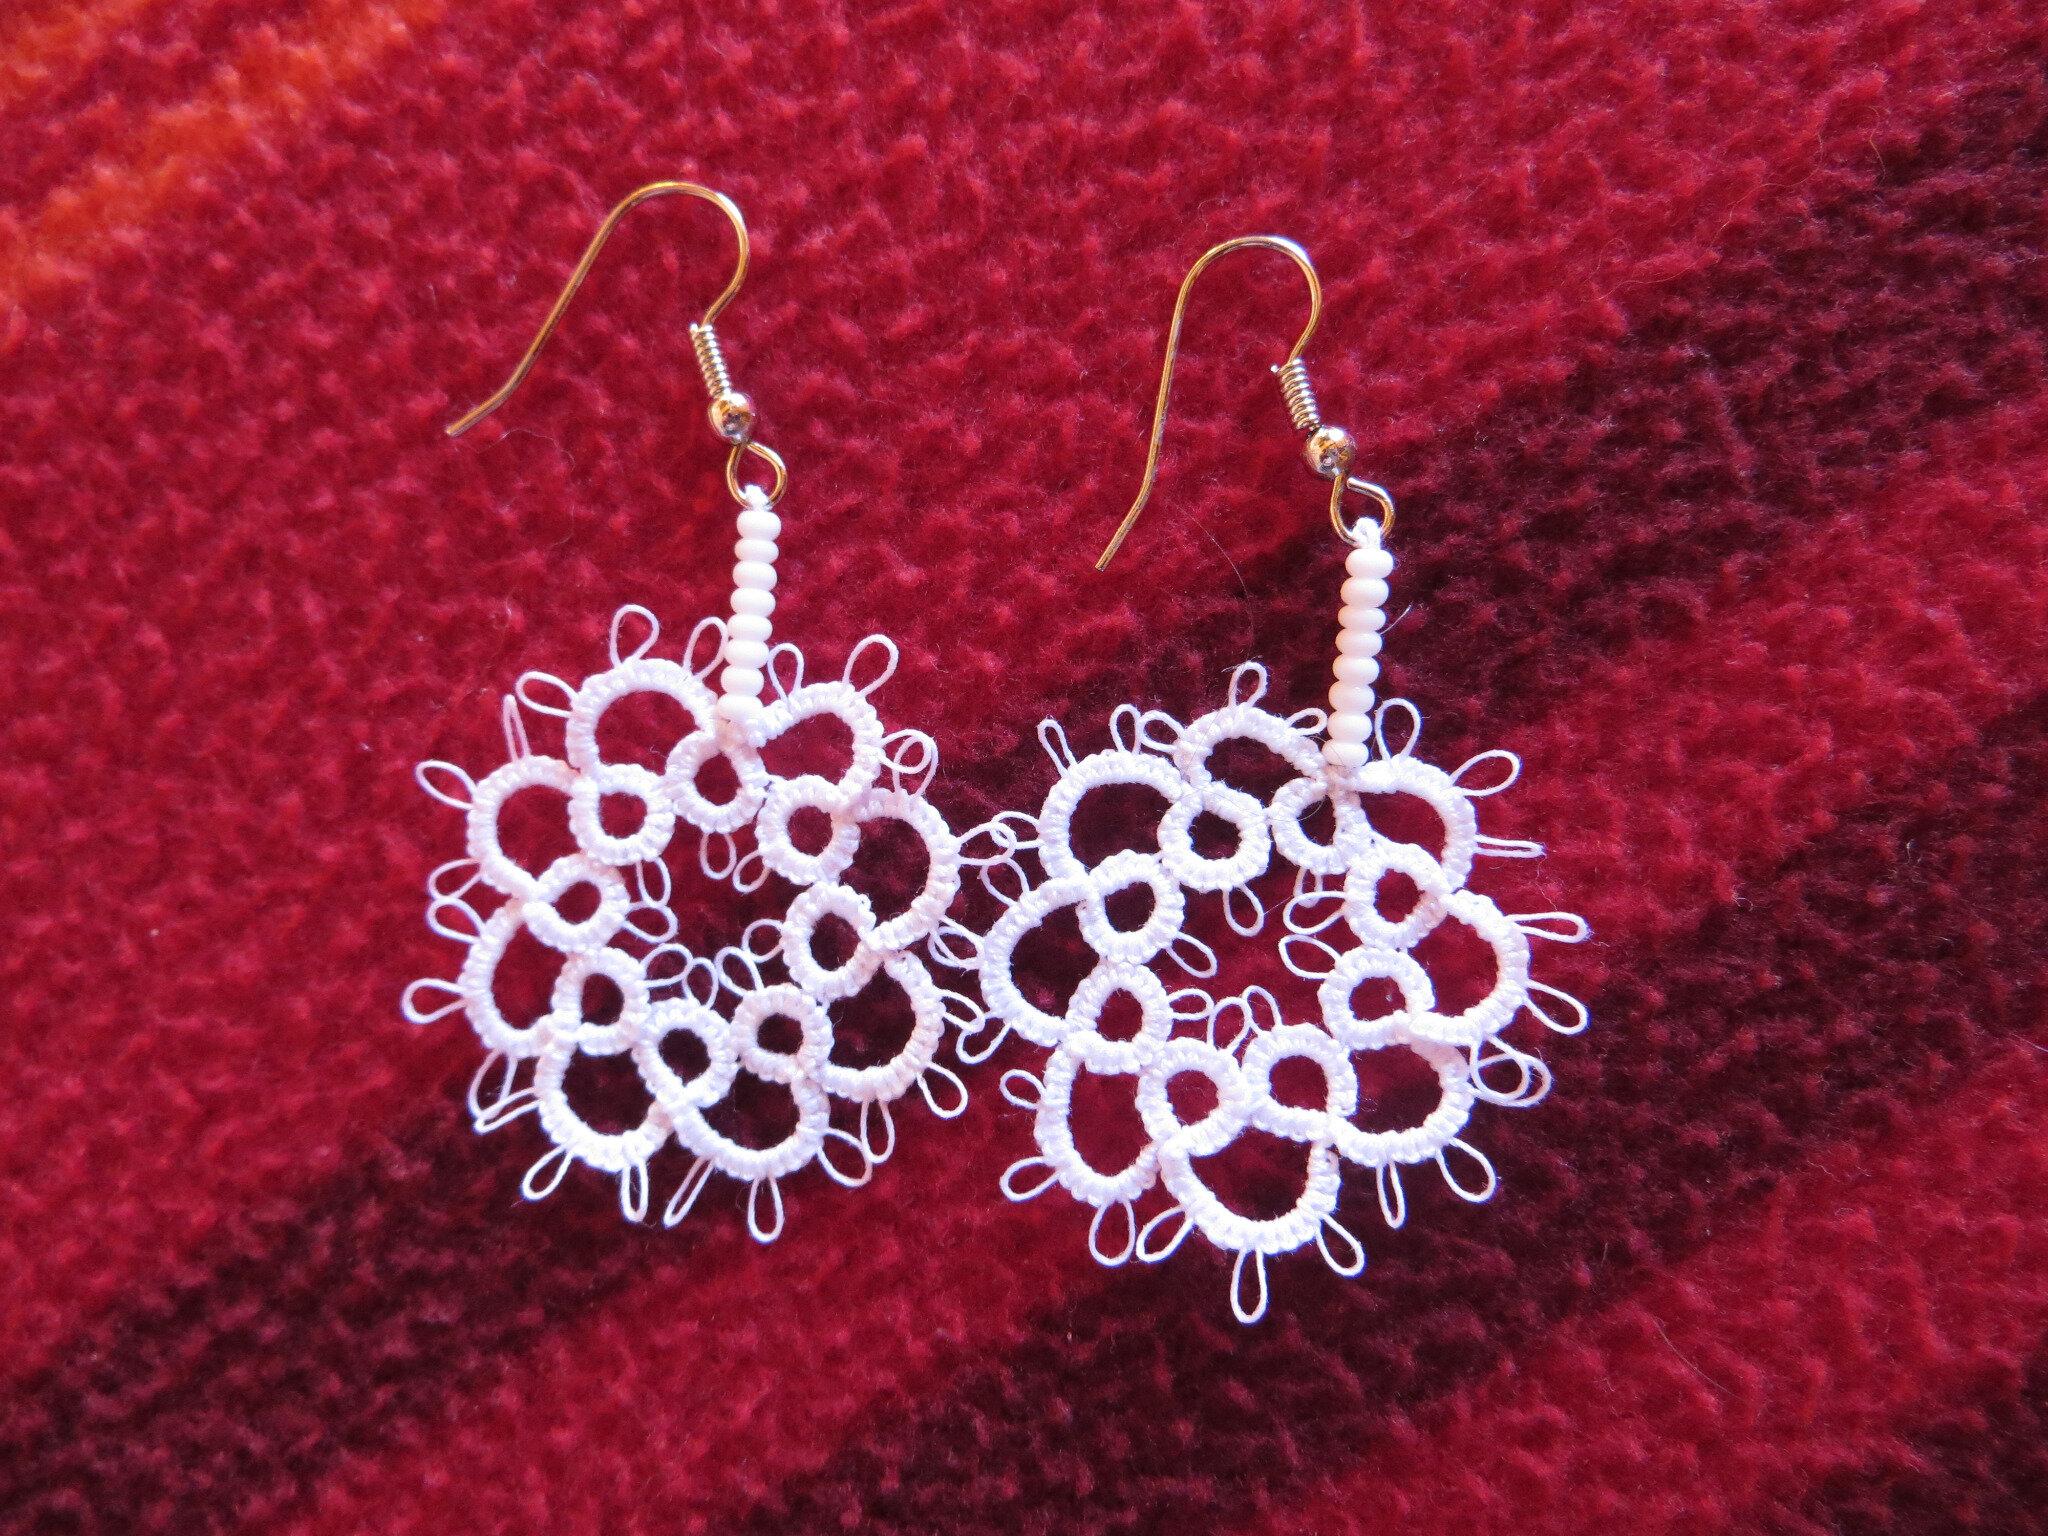 Quelques boucles d'oreille crochets métal